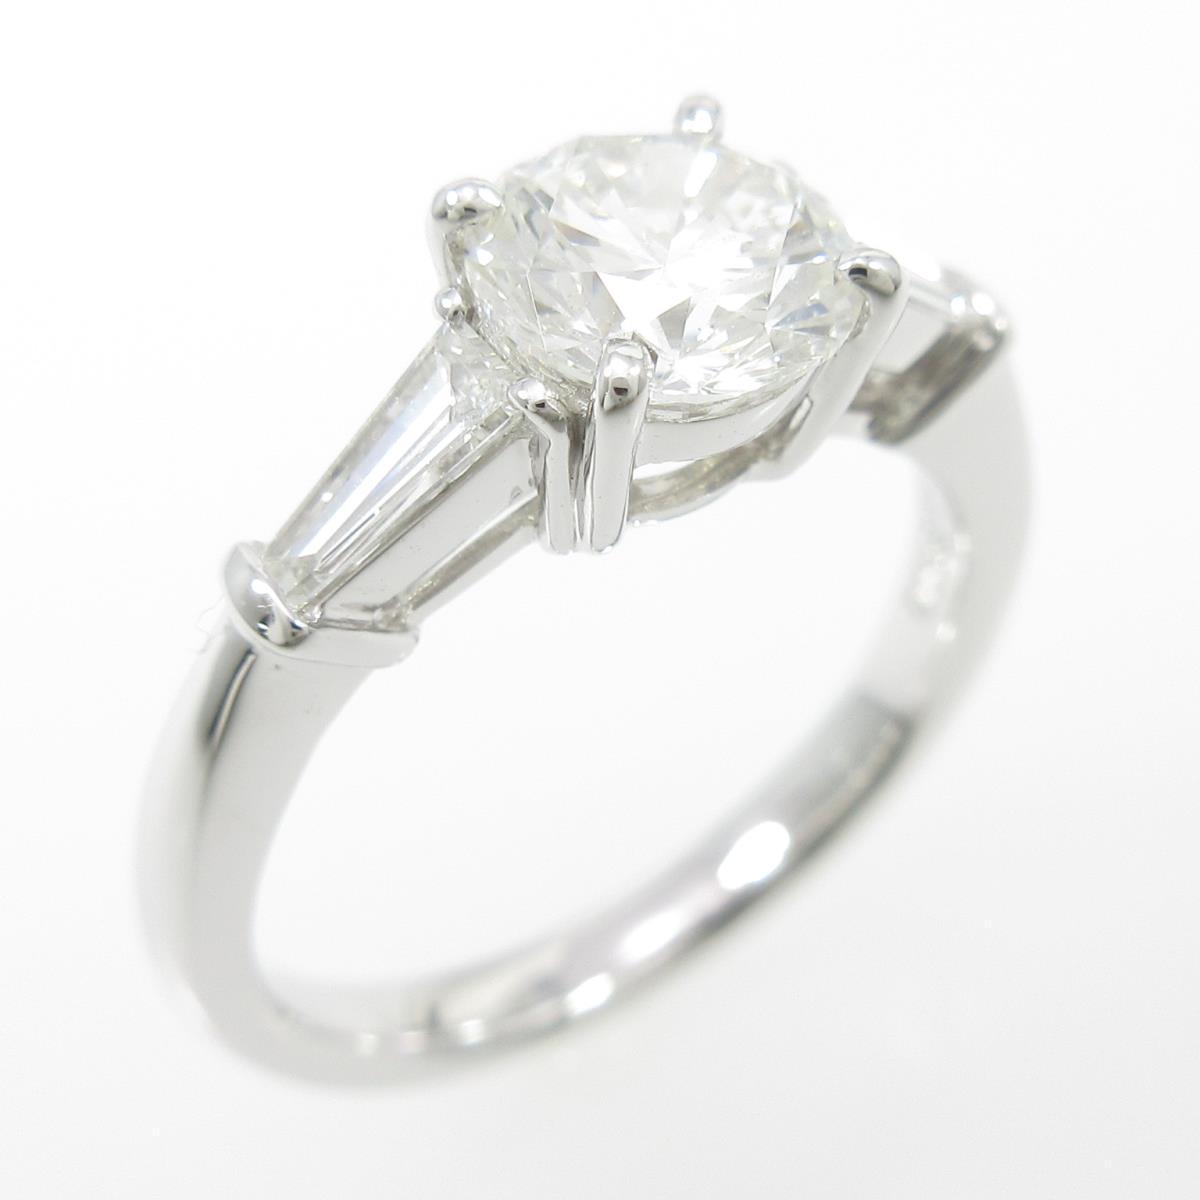 【リメイク】プラチナダイヤモンドリング 1.098ct・G・SI1・VG【中古】